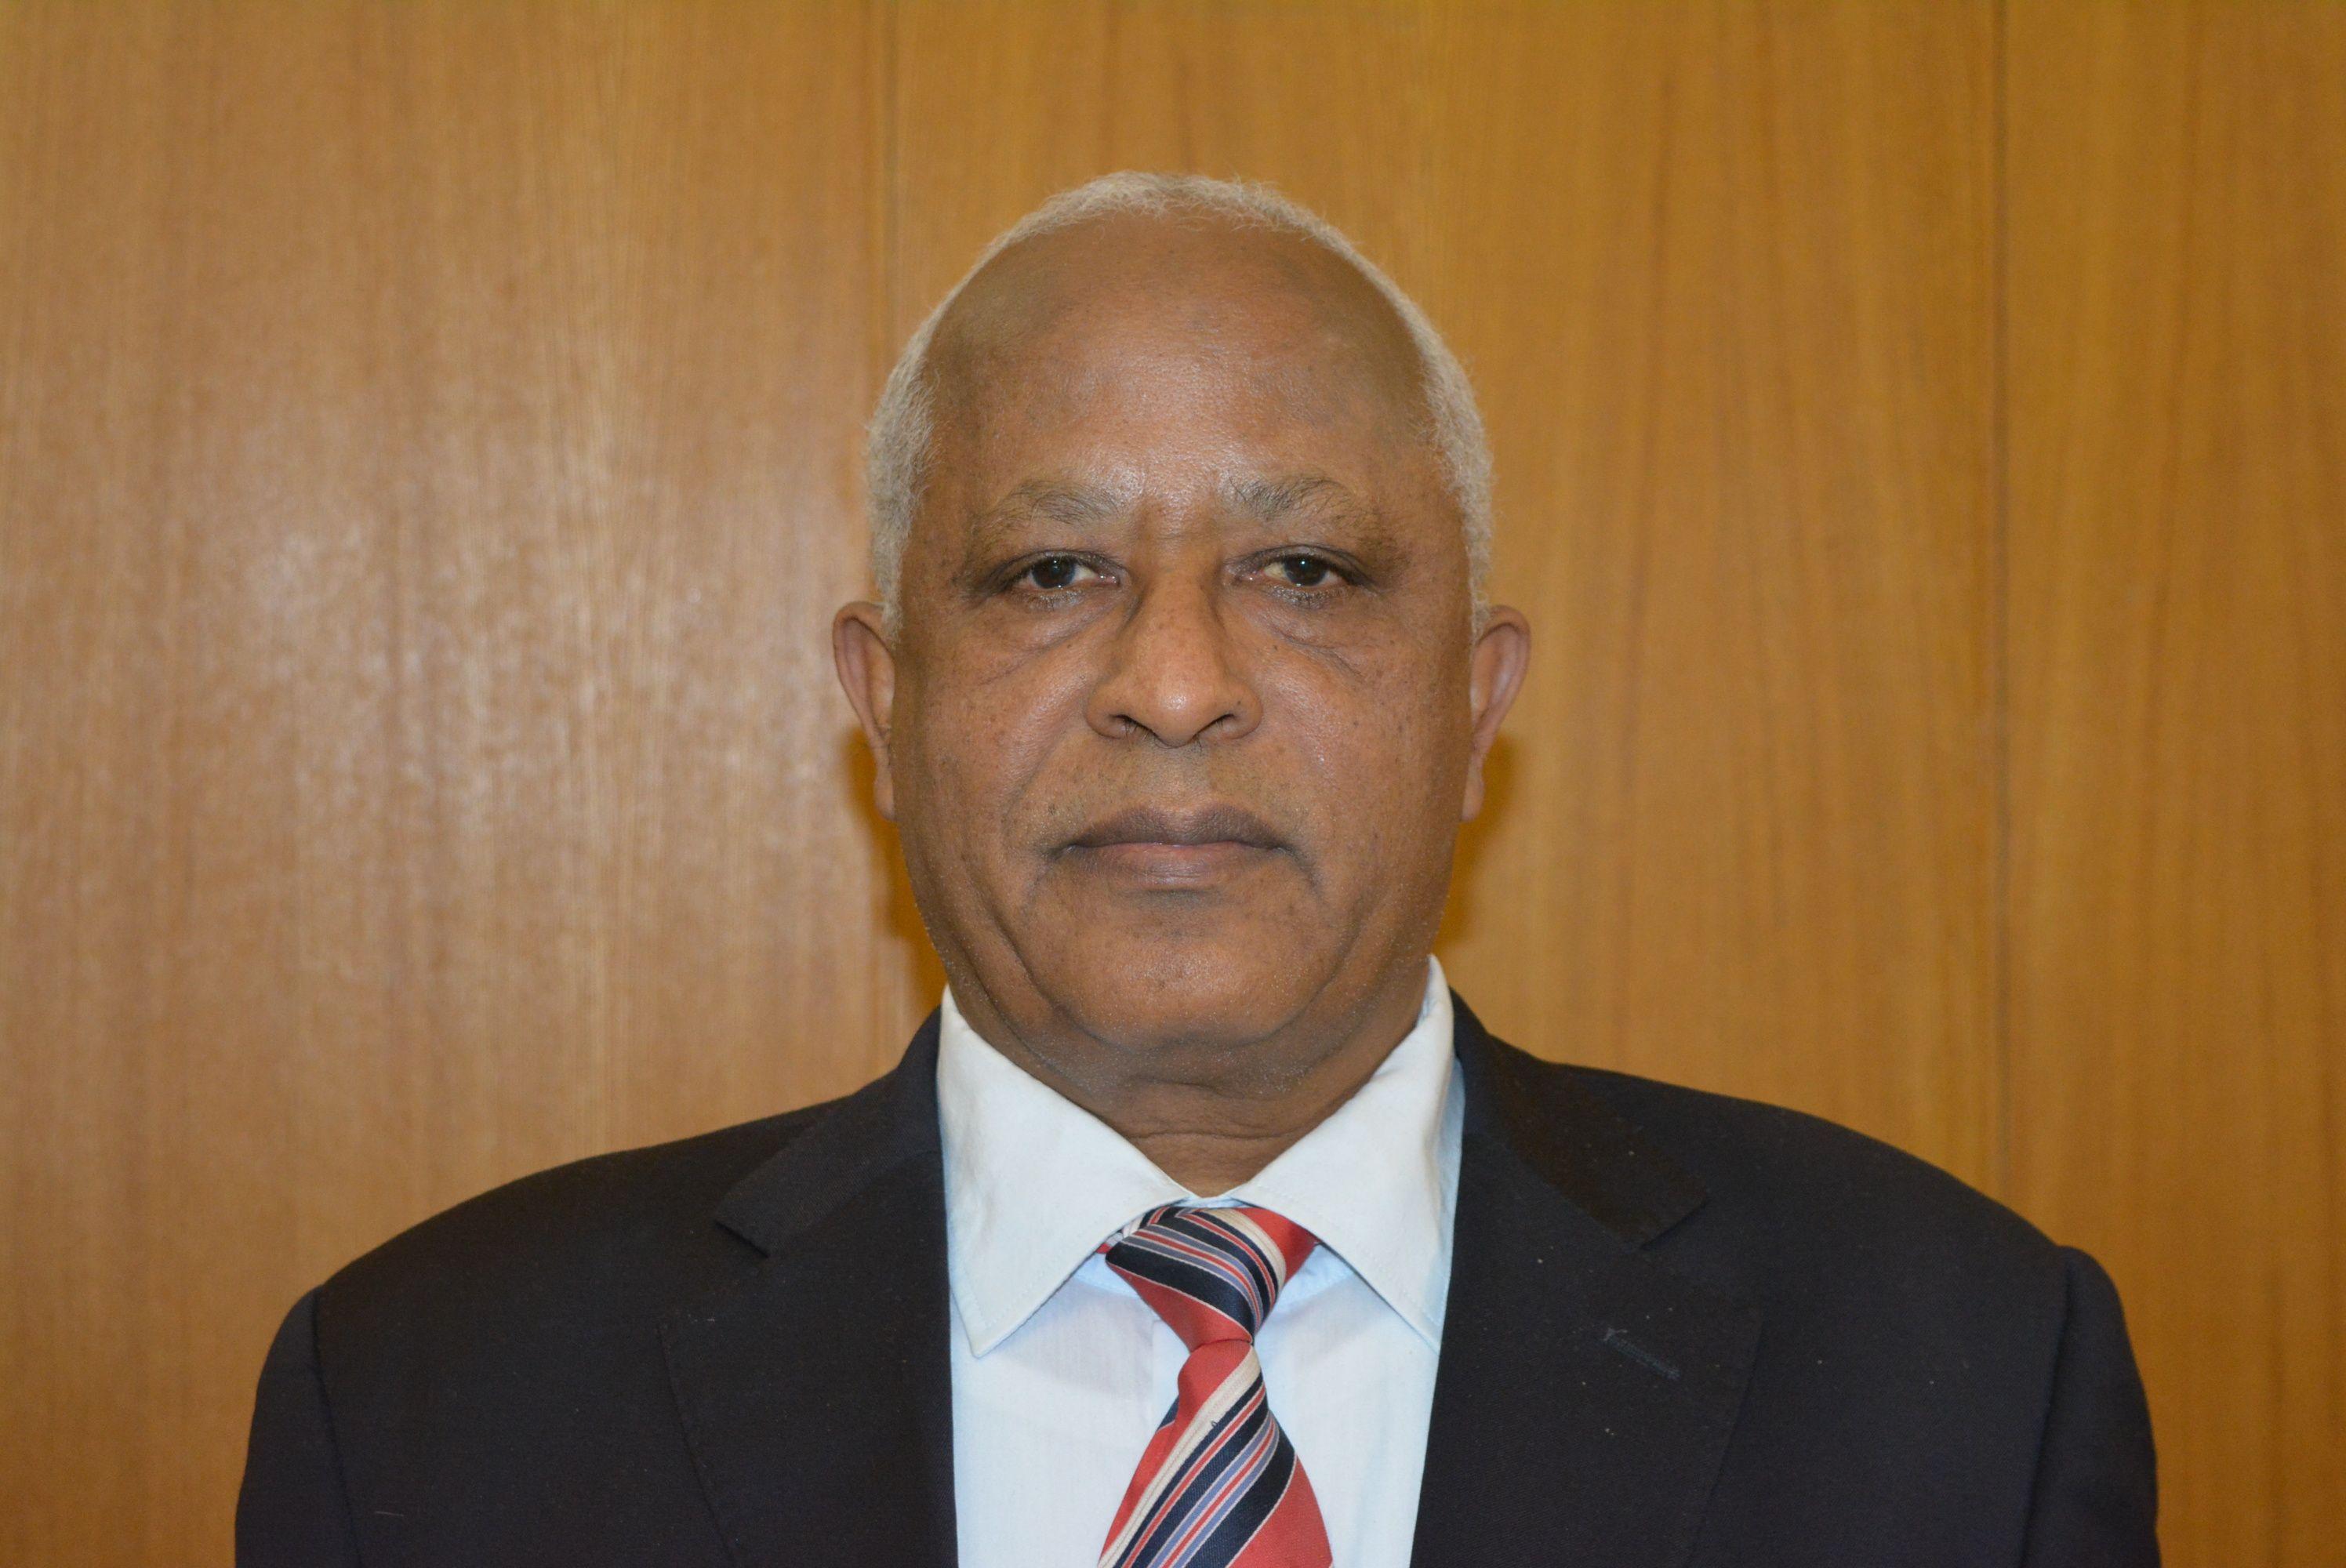 <br>фото предоставлено Посольством Эфиопии в России